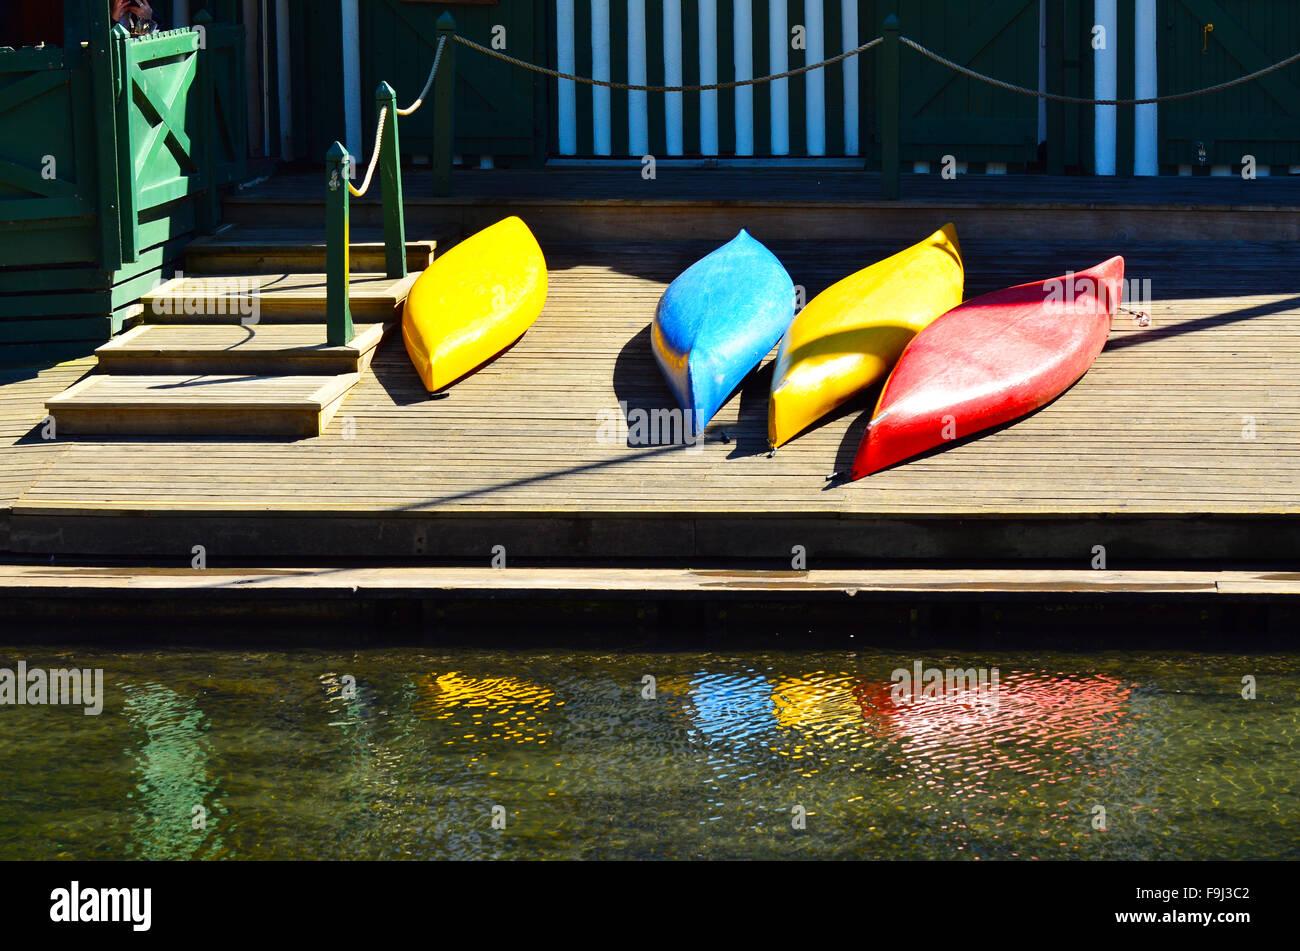 Coloridos kayaks en un muelle de madera. Concepto de vacaciones de verano Imagen De Stock